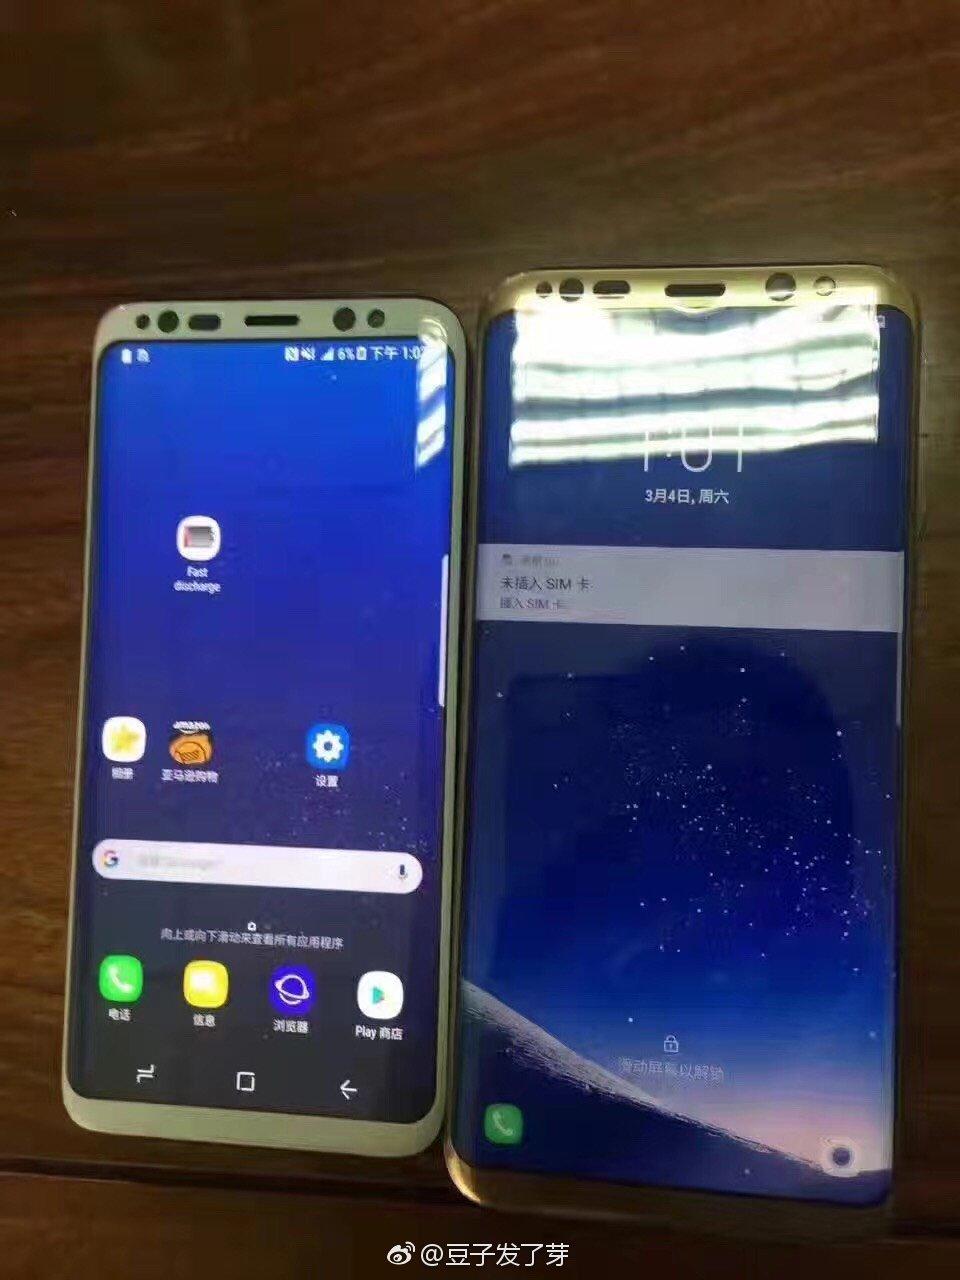 Voici une nouvelle photo des Samsung Galaxy S8 et S8 Plus côte à côte